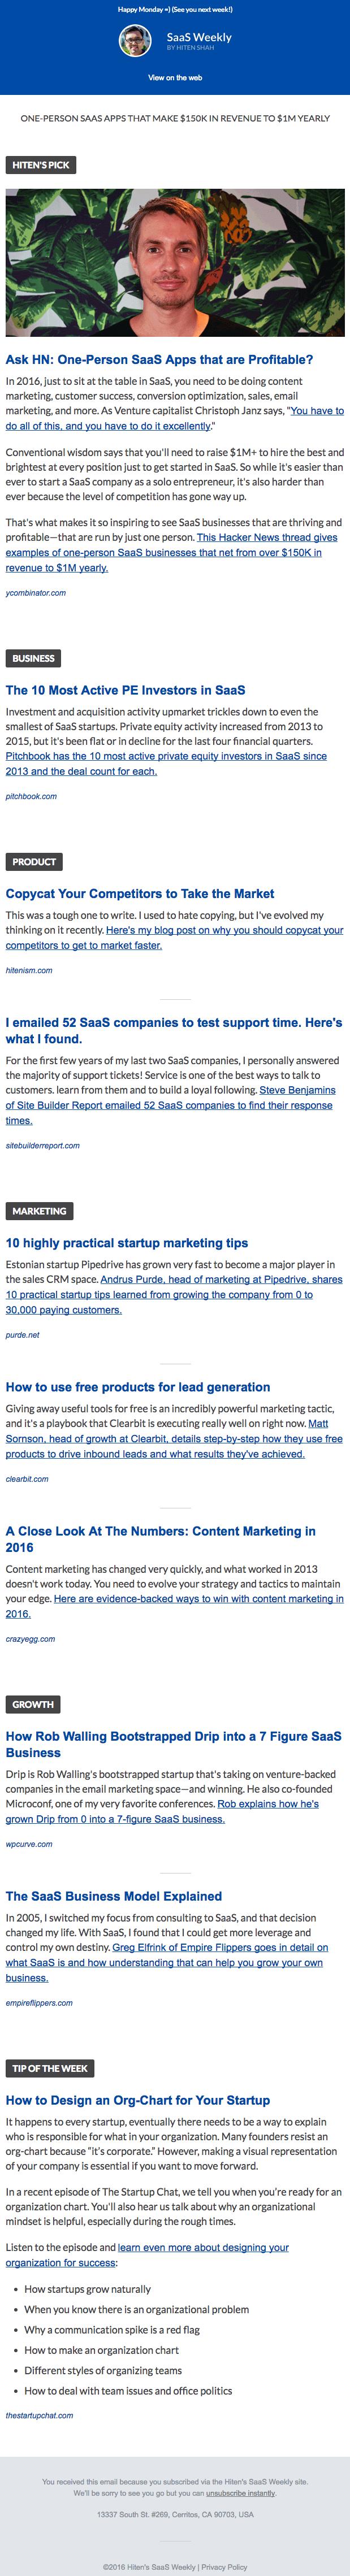 saas-weekly-newsletter-example.png